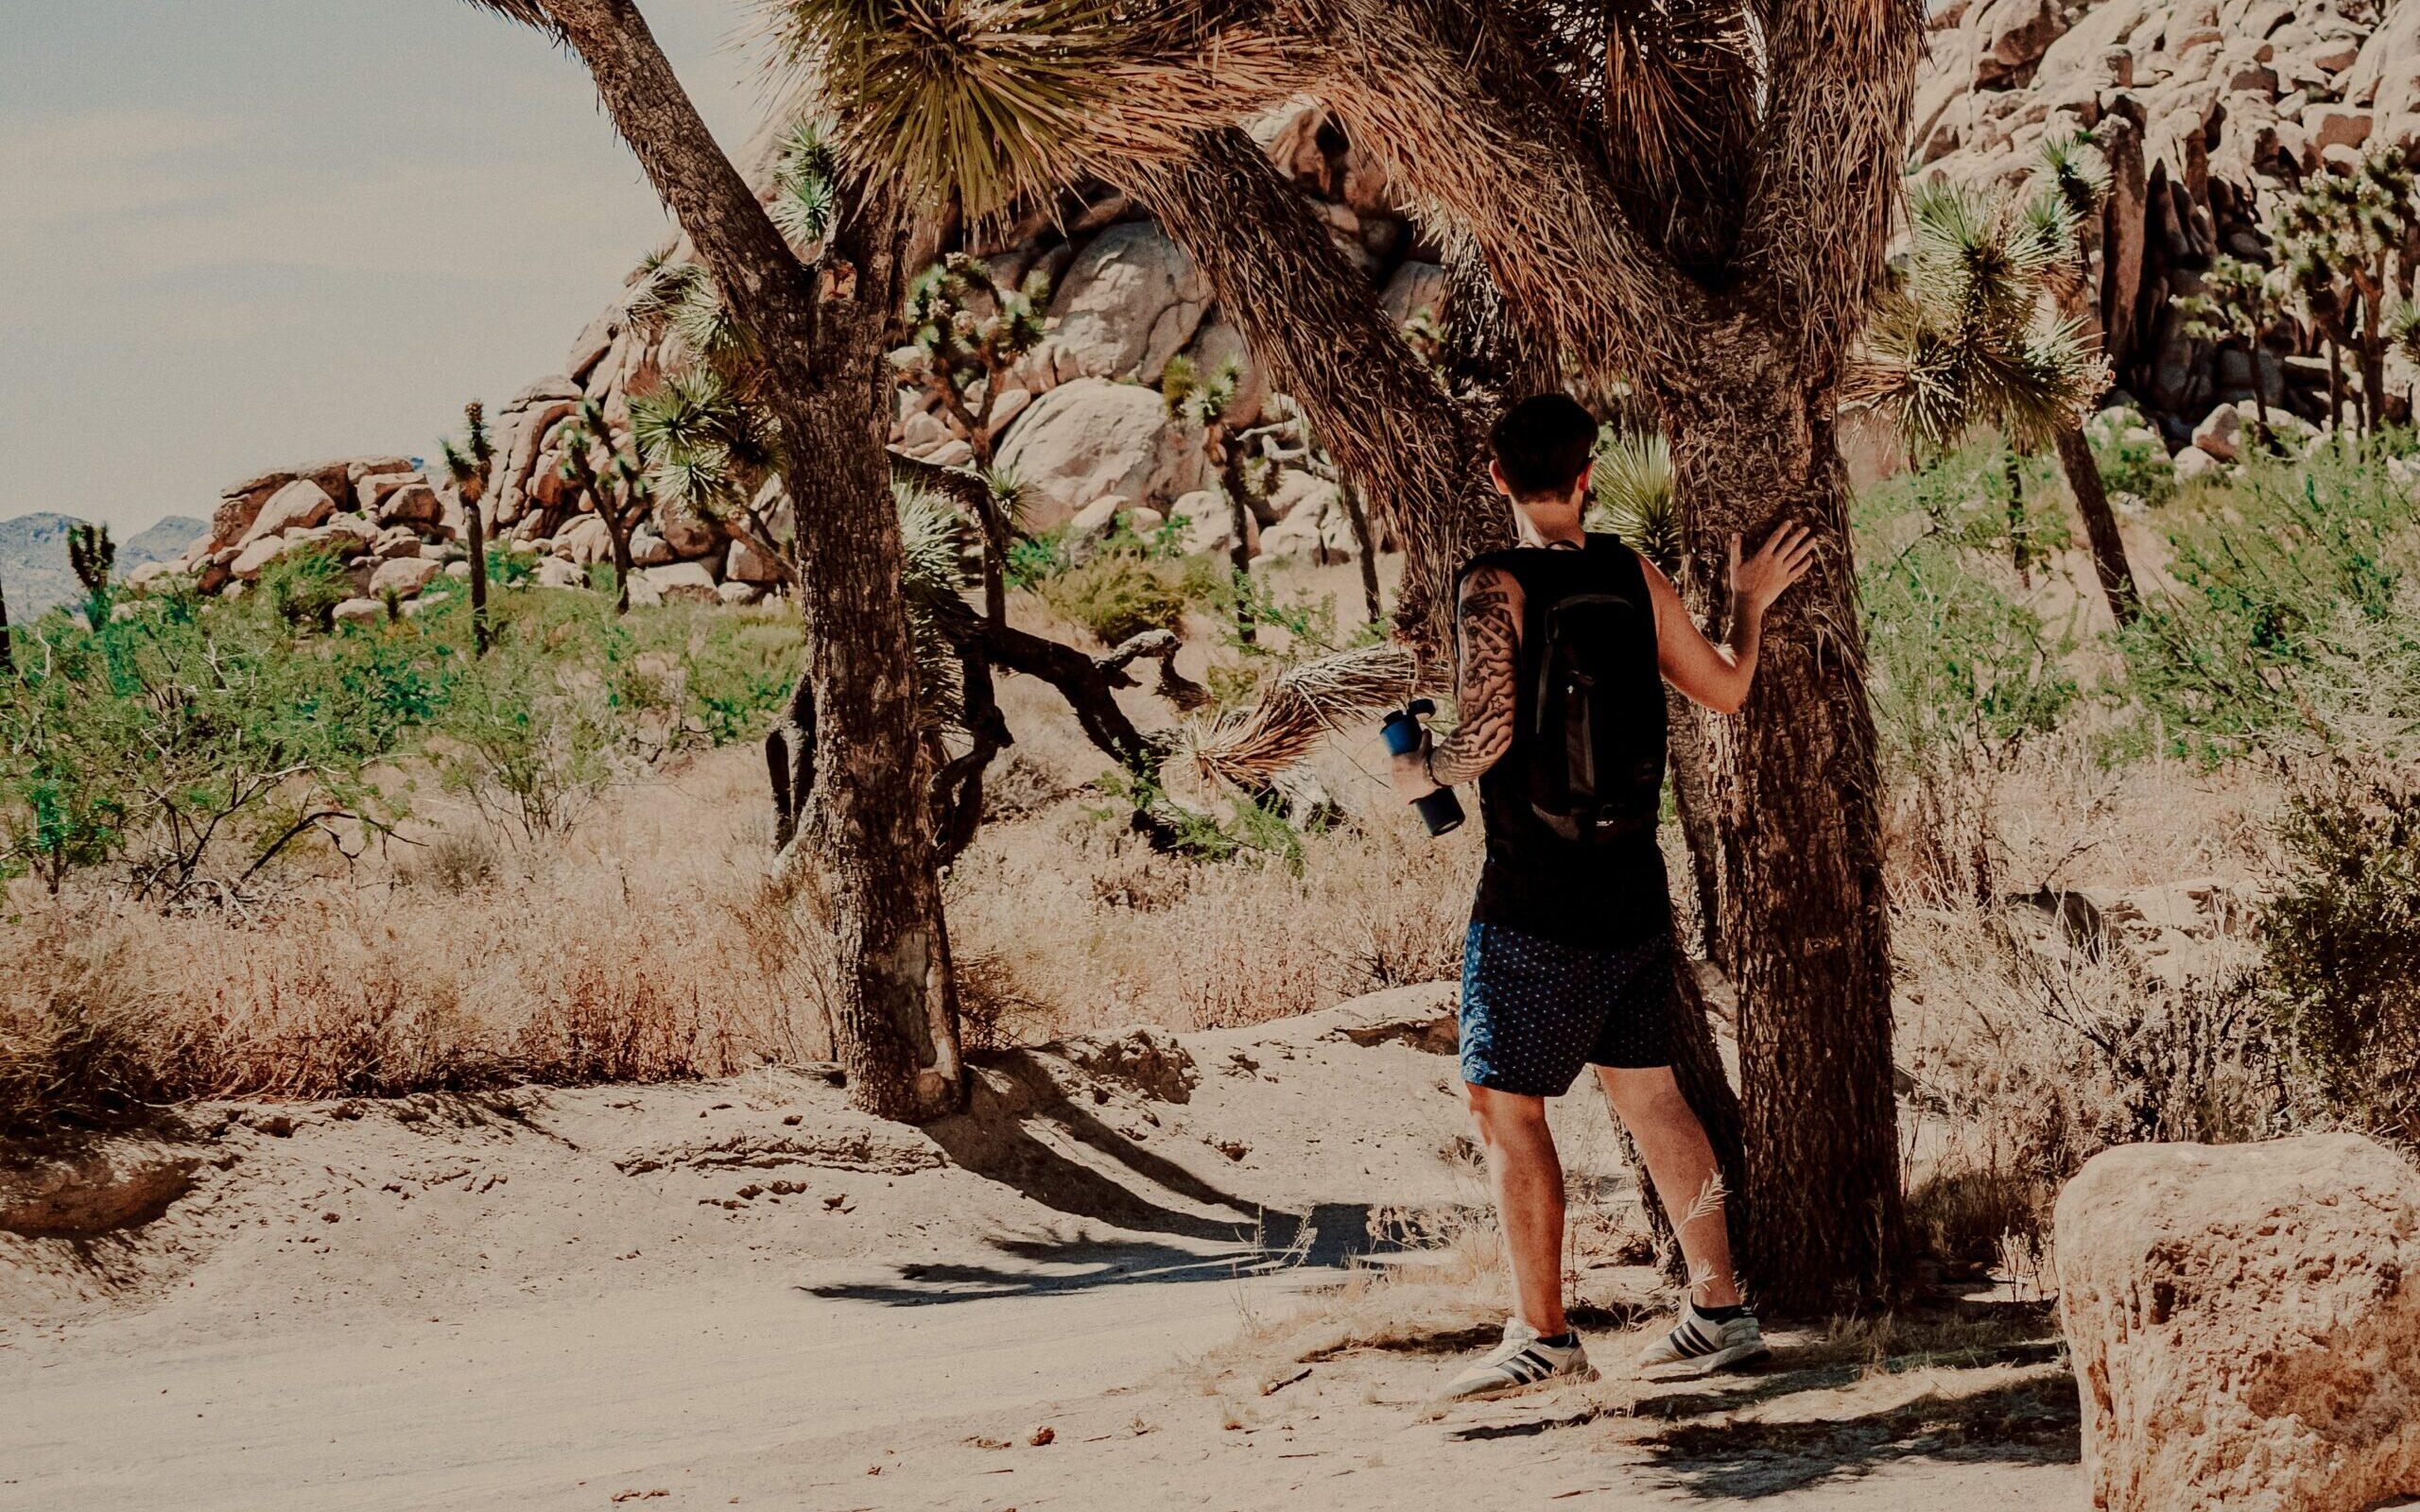 Traveller in desert